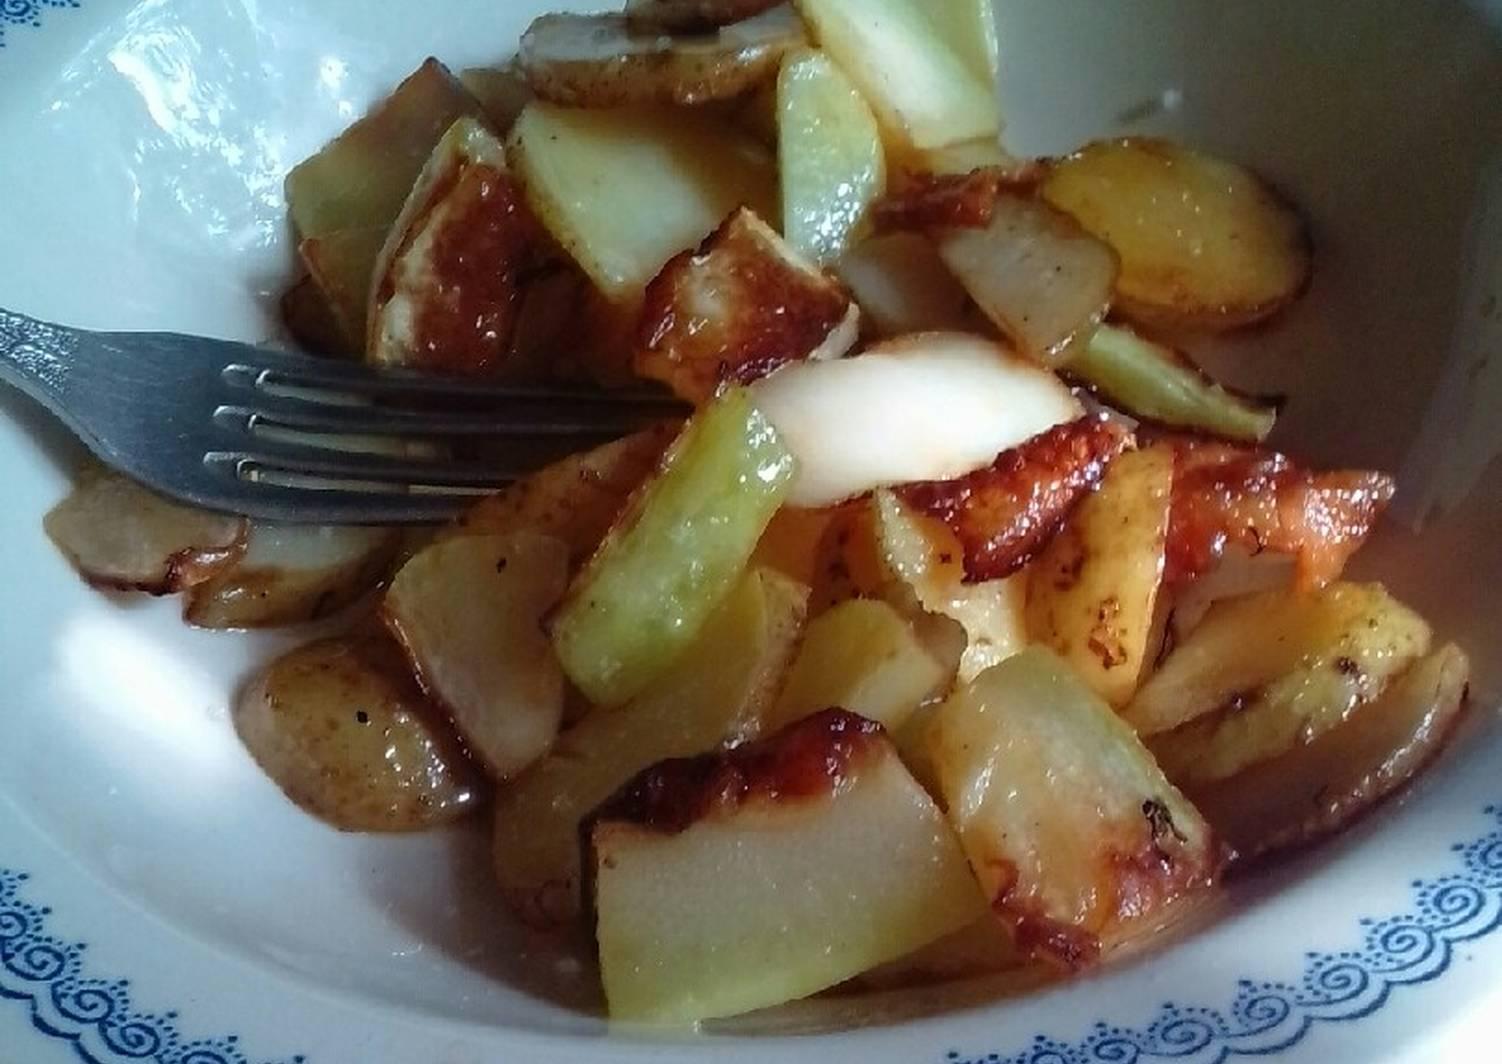 вареная картошка со шкварками рецепт с фото установило